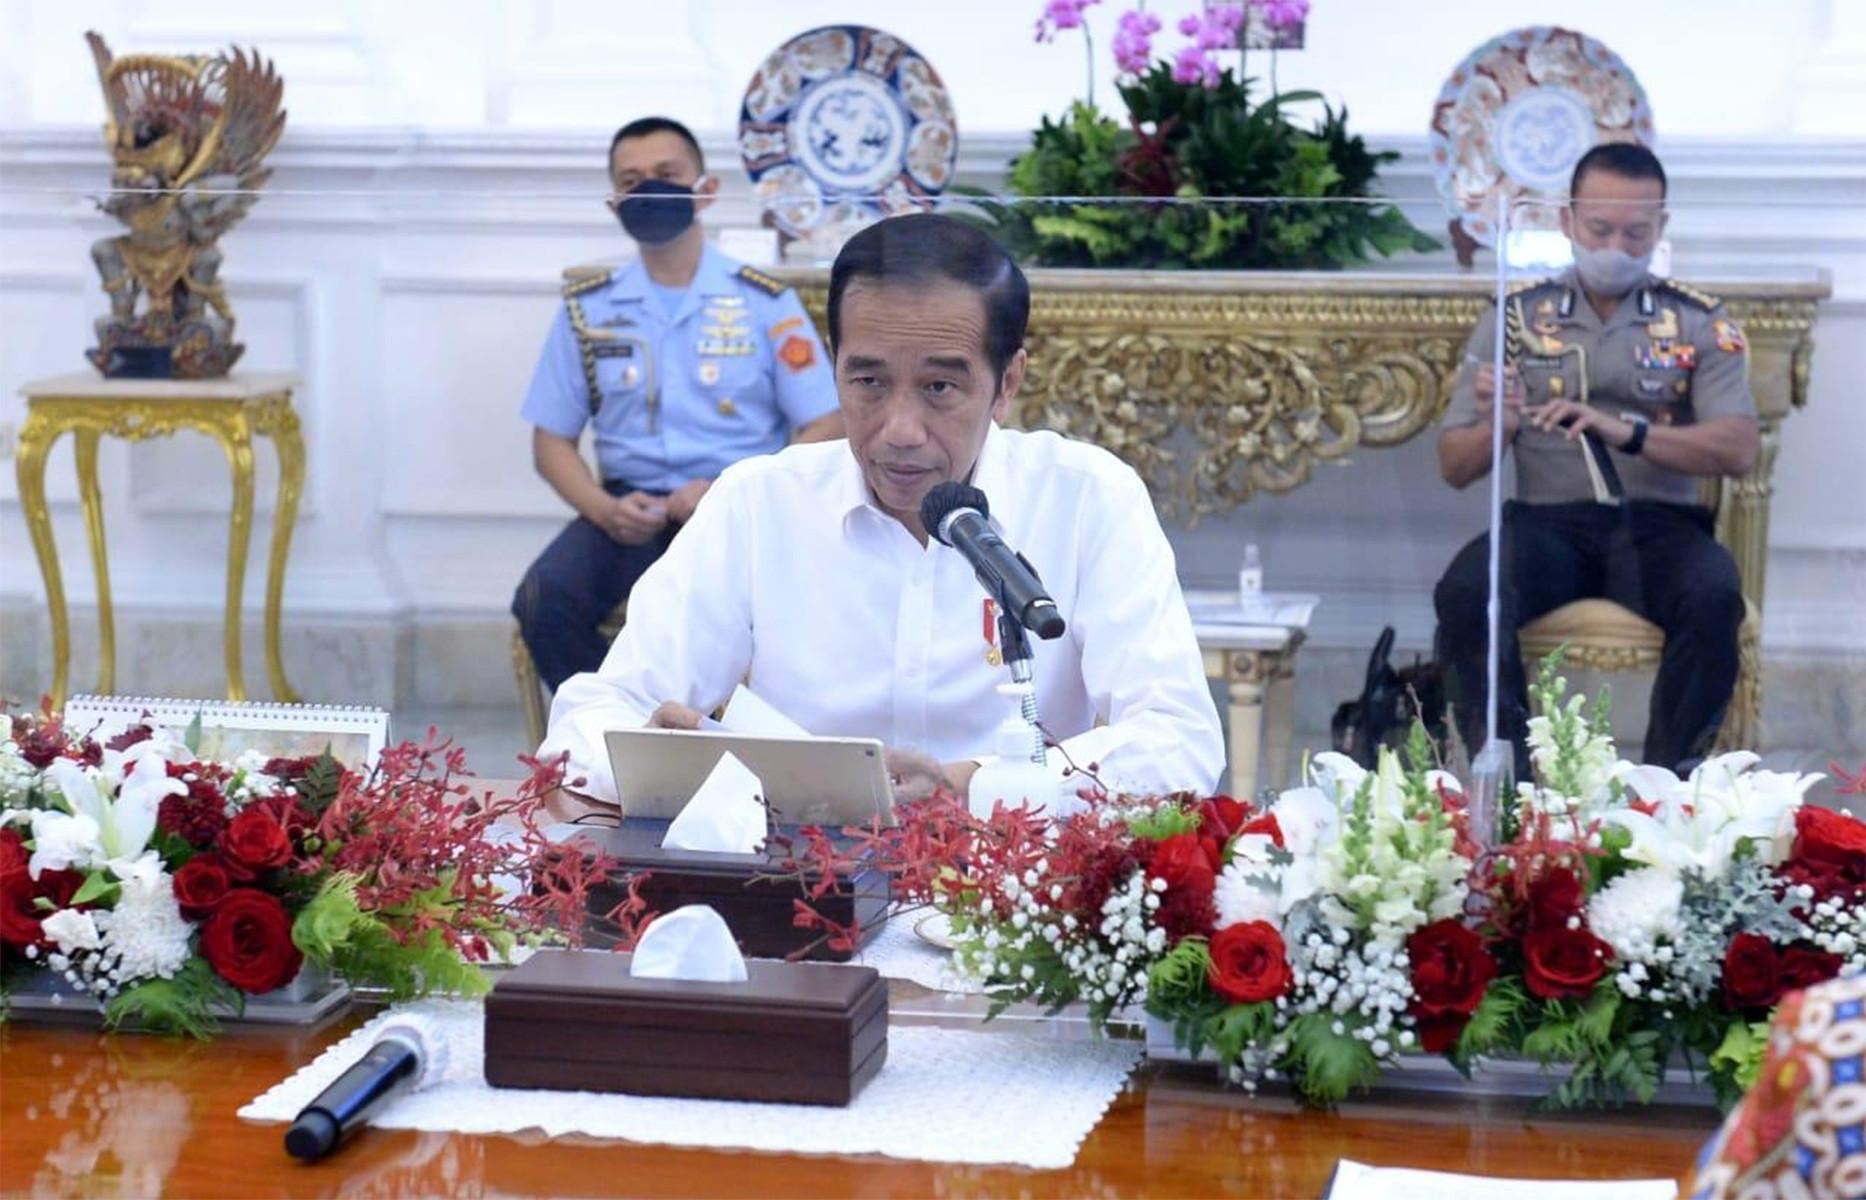 Jokowi Minta Kader GP Ansor Hidup Sehat dan Rajin Berzikir - JPNN.com